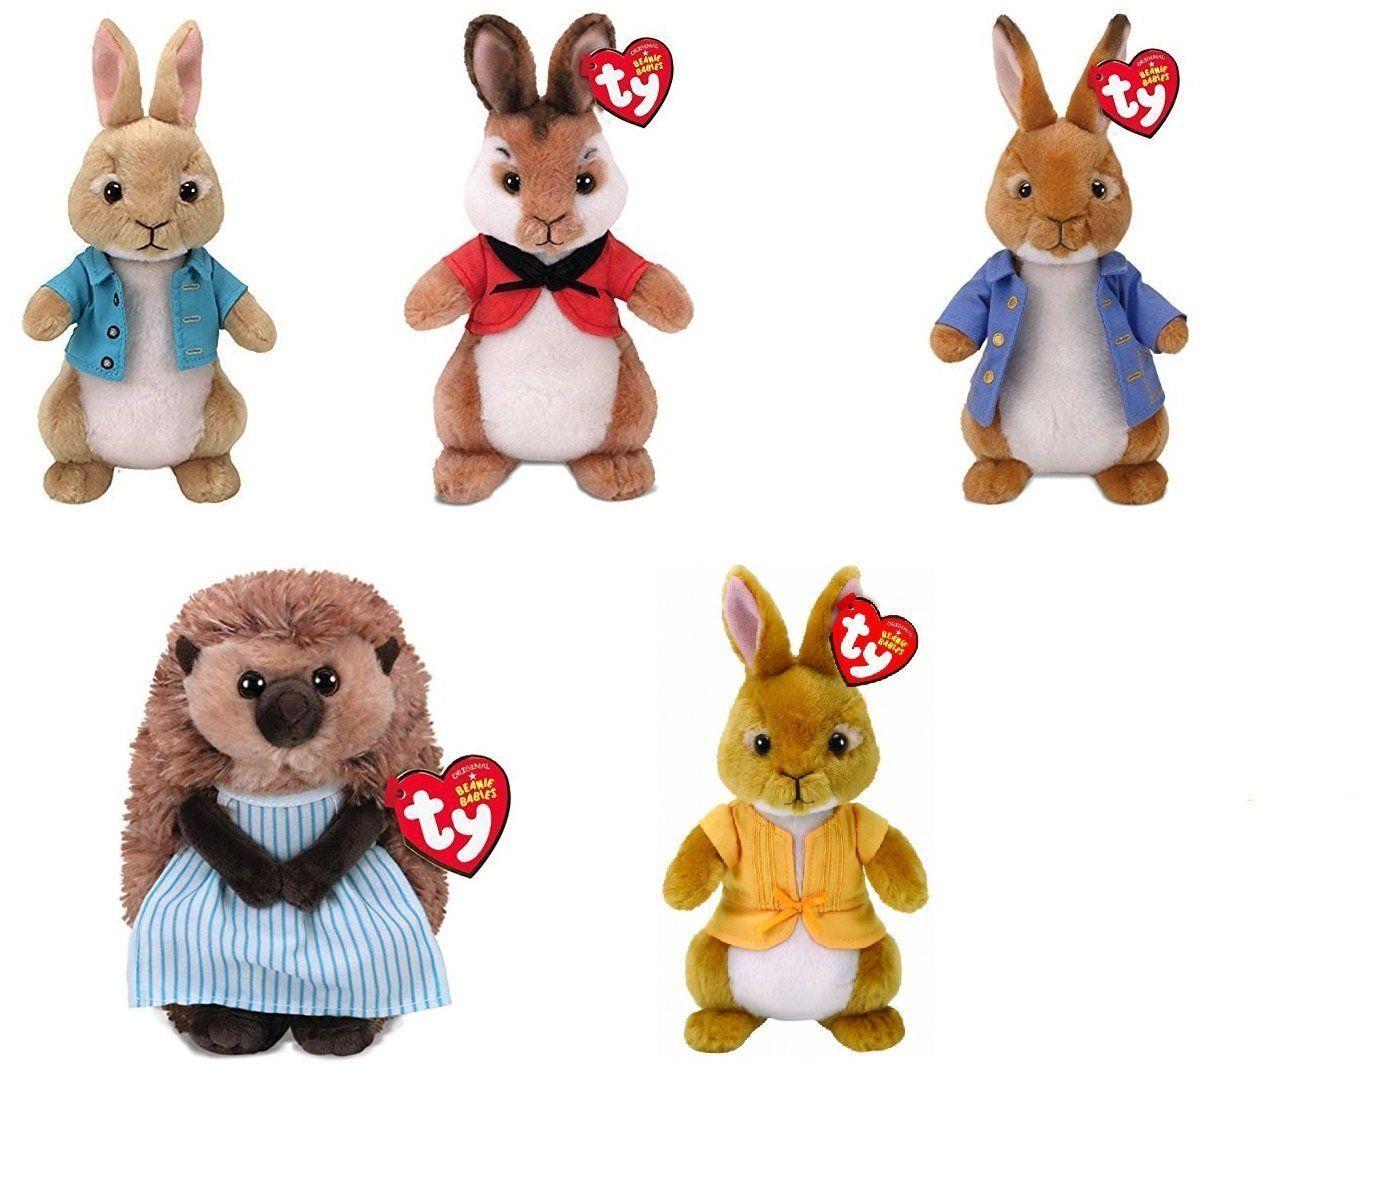 Paw Patrol TY Beanie Baby 6 inch - MWMTs Stuffed Animal Toy ZUMA Labrador